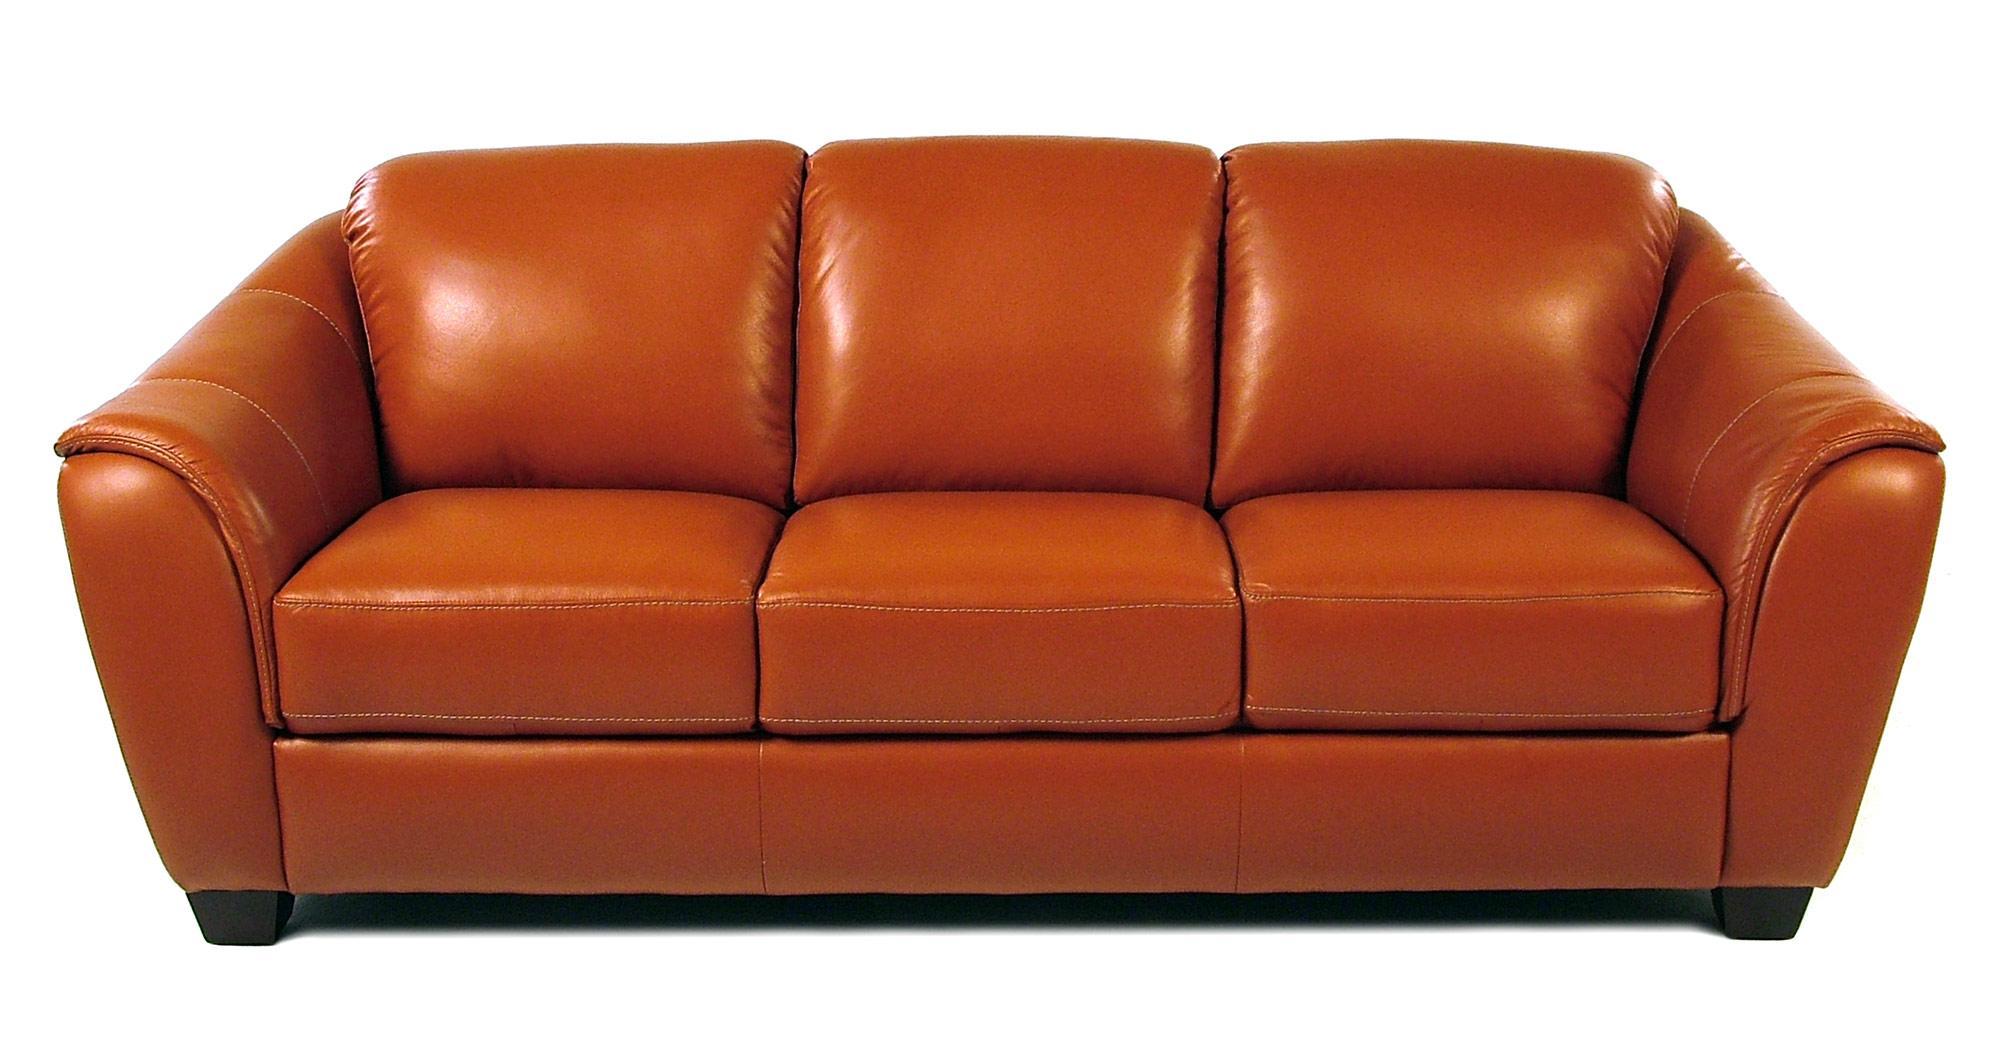 orange leather sofa roselawnlutheran. Black Bedroom Furniture Sets. Home Design Ideas